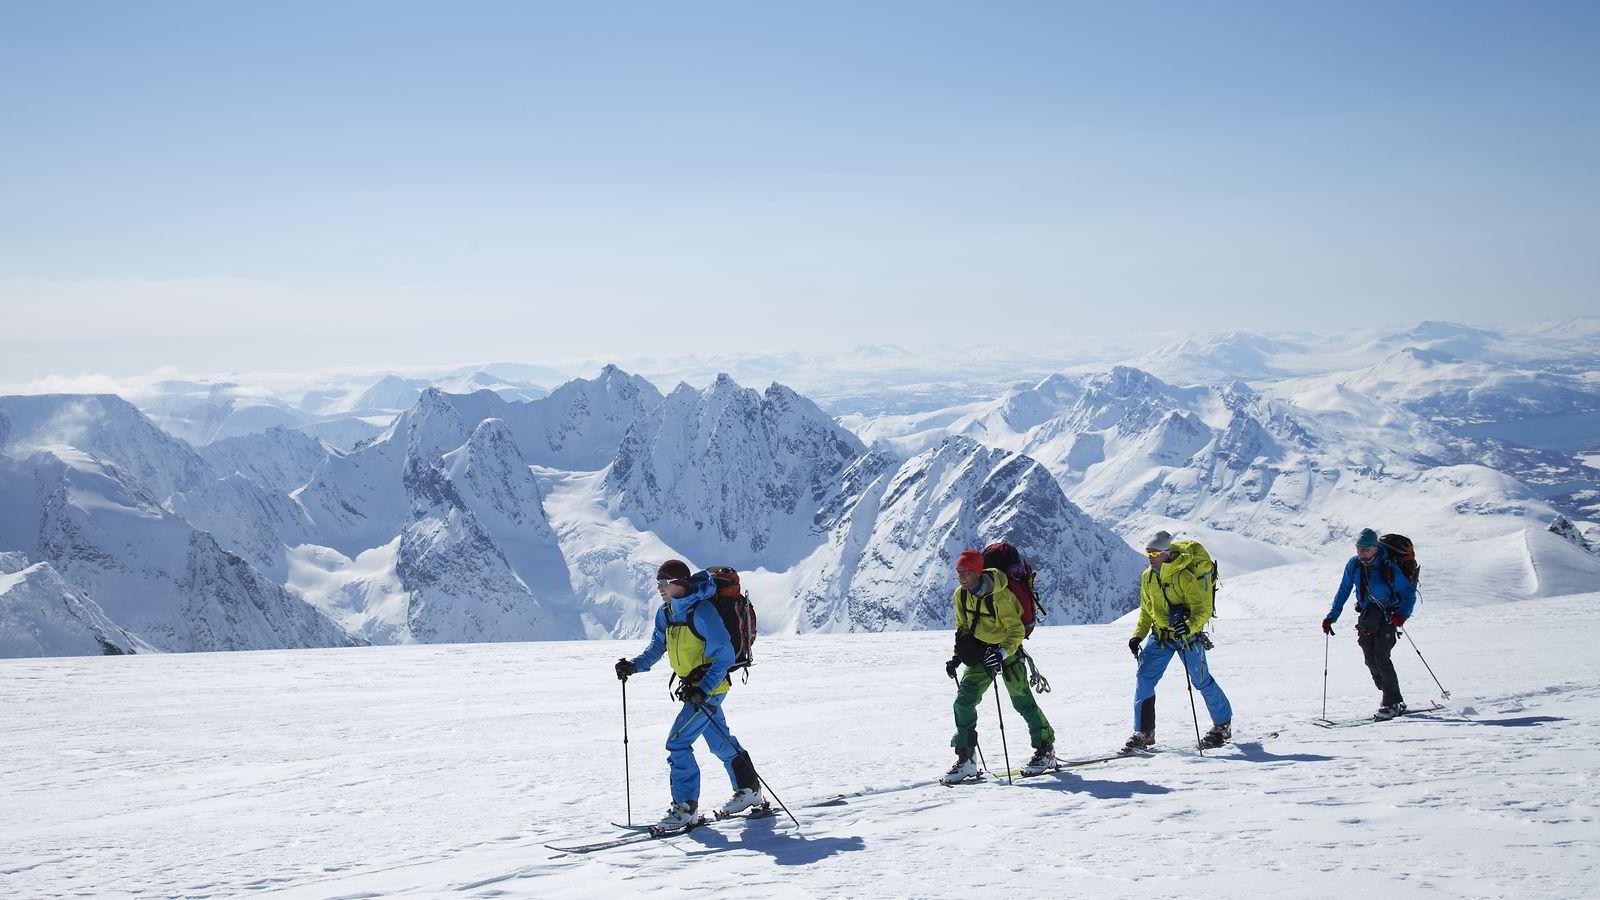 Etter seks timers kamp mot høydemeterne kan Ruben Rognmo, Espen Nordahl, Torben Rognmo og Svein Mortensen endelig se toppen av Jiehkkevárri. De siste meterne opp mot den 1834 meter høye toppen gir en slak avkobling i det ellers så bratte Lyngen-terrenget. Fremdeles gjenstår 18 km av hele skituren.